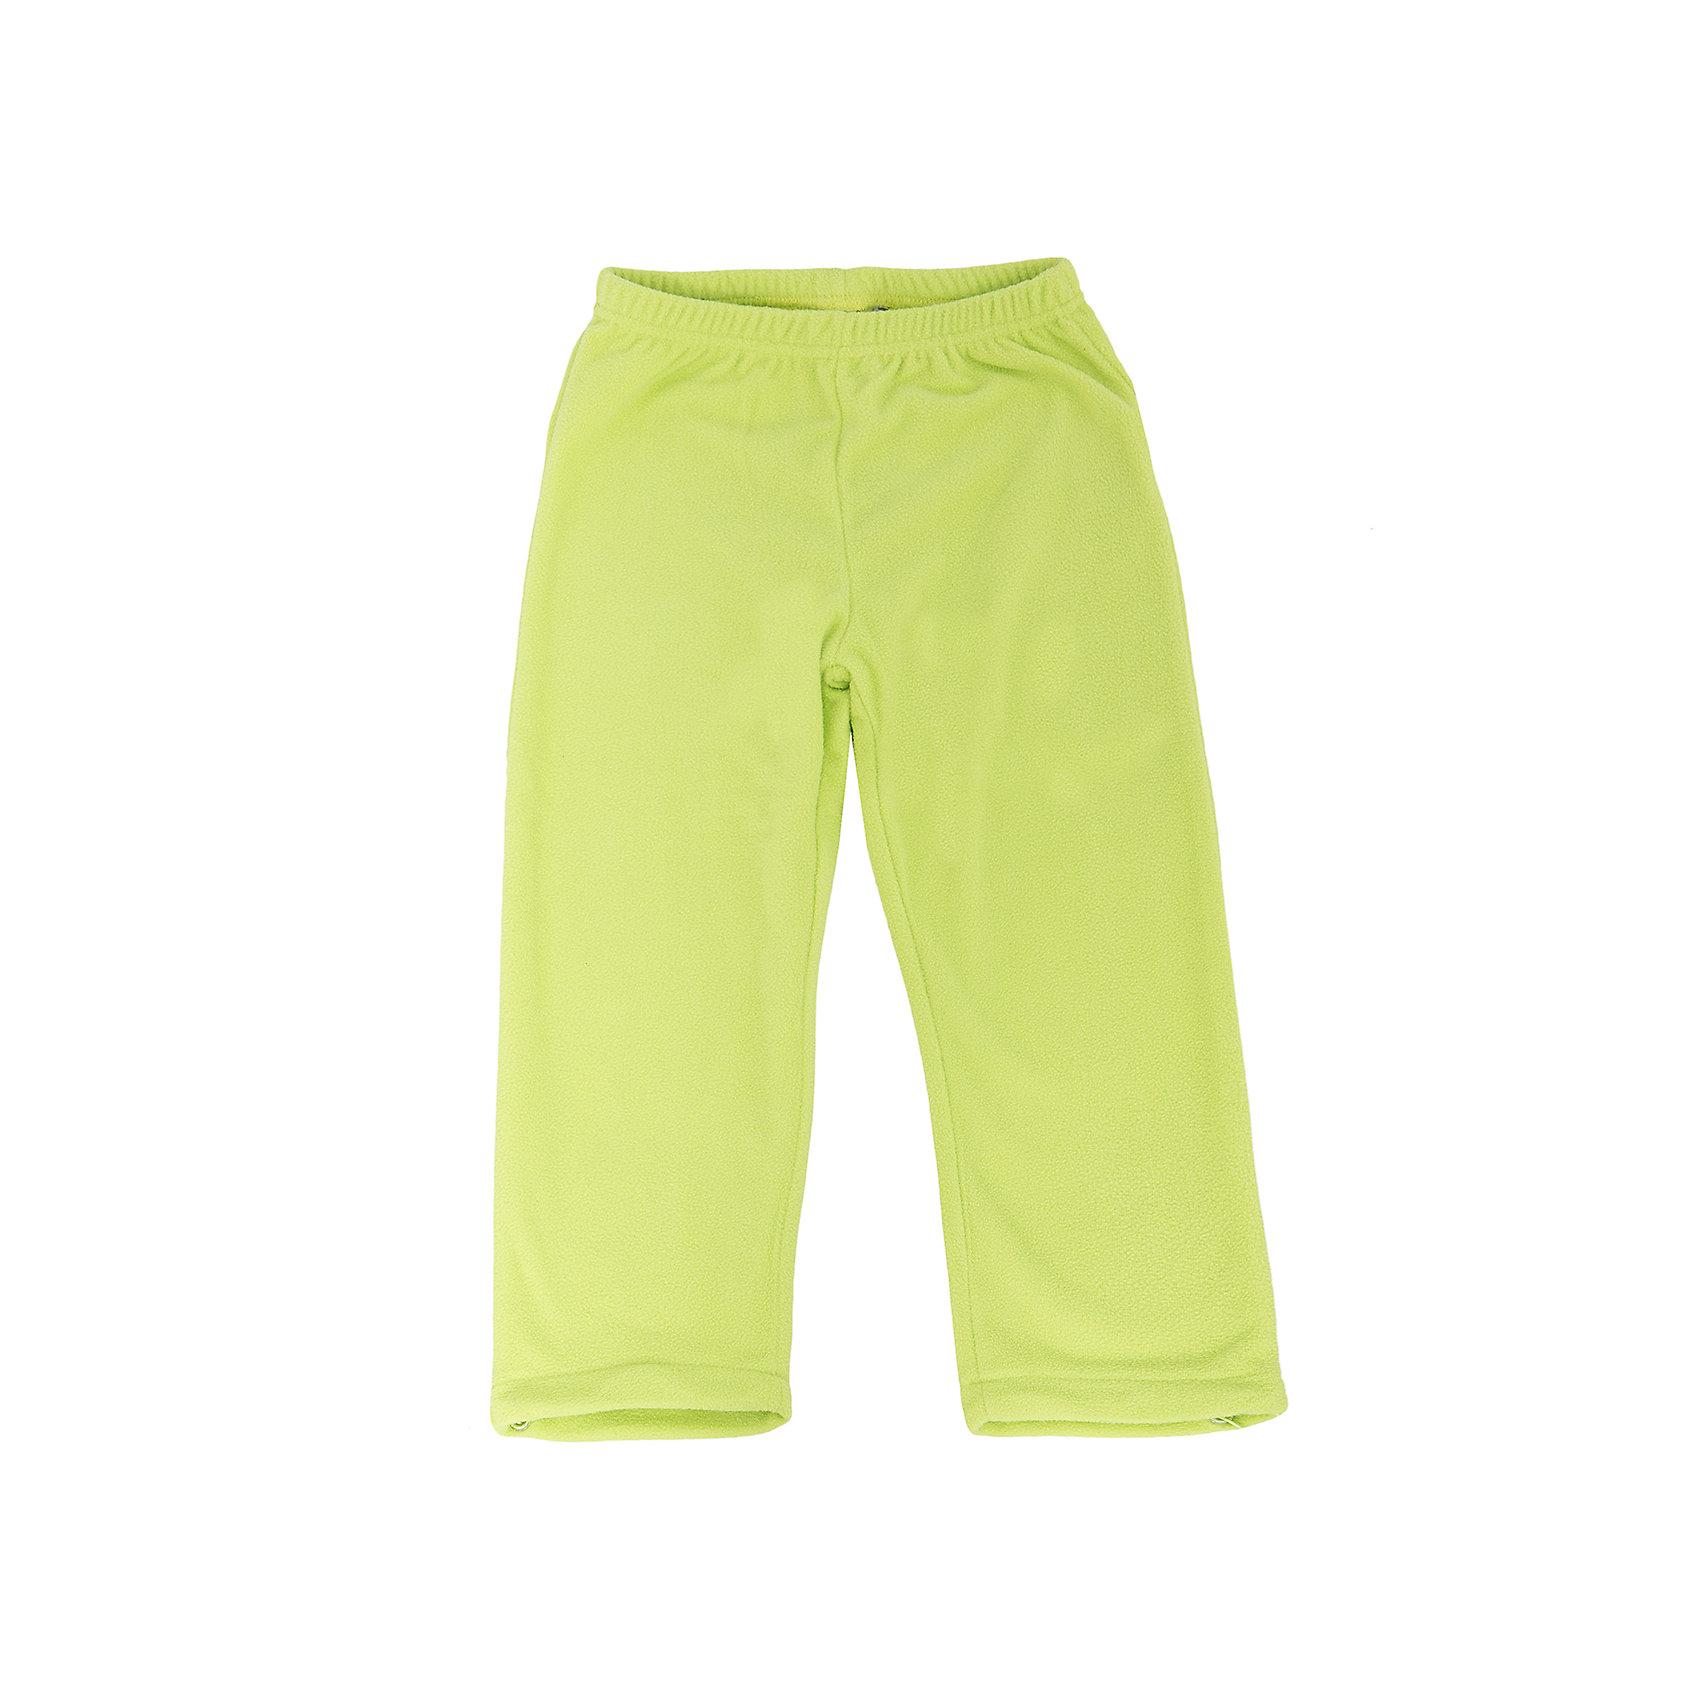 Штаны флисовыe HuppaБрюки<br>Флисовые брюки BILLY Huppa(Хуппа) имеют удобную резинку, их легко надеть. Брюки достаточно теплые и отлично подойдут в качестве промежуточного слоя в одежде в зимнее время или как верхняя одежда весной-осенью.<br><br>Дополнительная информация:<br>Материал: 100% полиэстер<br>Цвет: салатовый<br><br>Флисовые брюки BILLY Huppa(Хуппа) вы можете приобрести в нашем интернет-магазине.<br><br>Ширина мм: 190<br>Глубина мм: 74<br>Высота мм: 229<br>Вес г: 236<br>Цвет: зеленый<br>Возраст от месяцев: 60<br>Возраст до месяцев: 72<br>Пол: Унисекс<br>Возраст: Детский<br>Размер: 116,98,104,110<br>SKU: 4928435